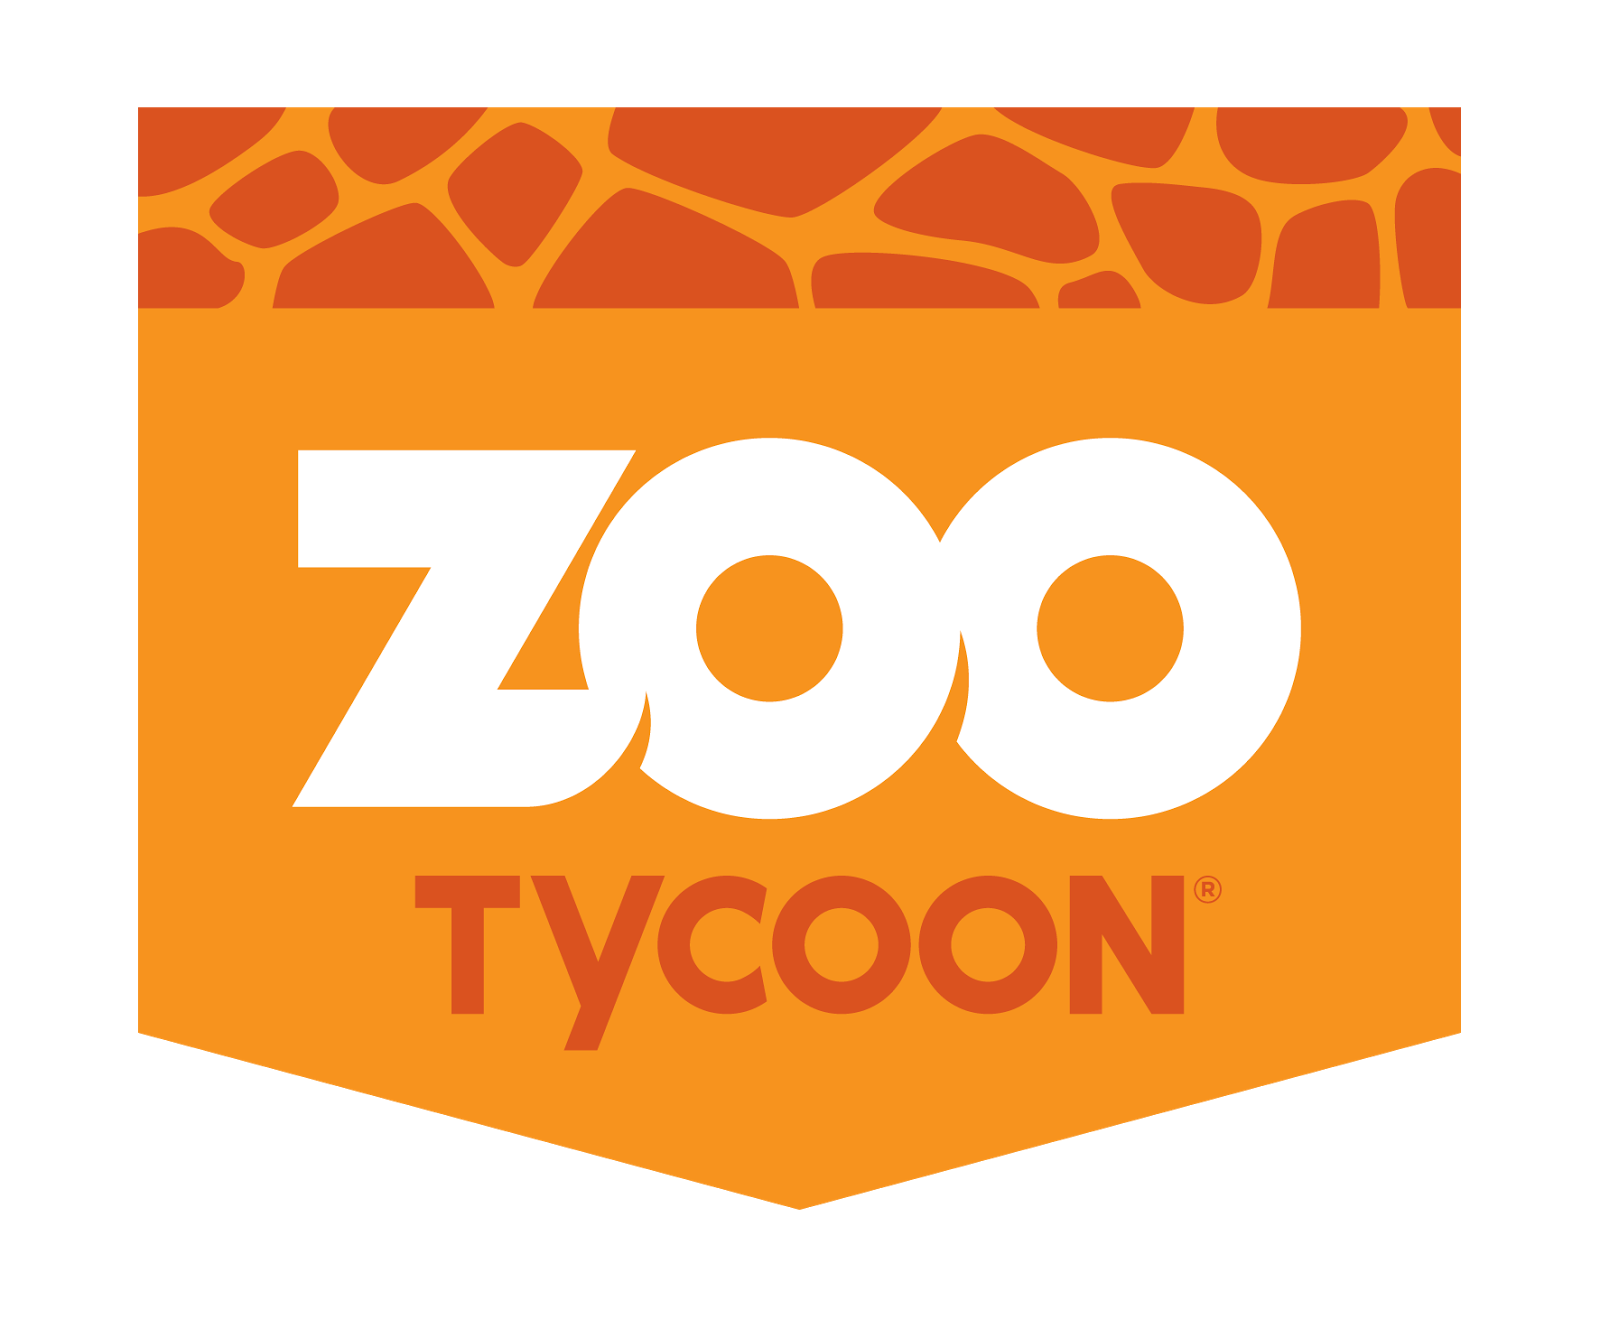 Resultado de imagem para Zoo Tycoon logo png